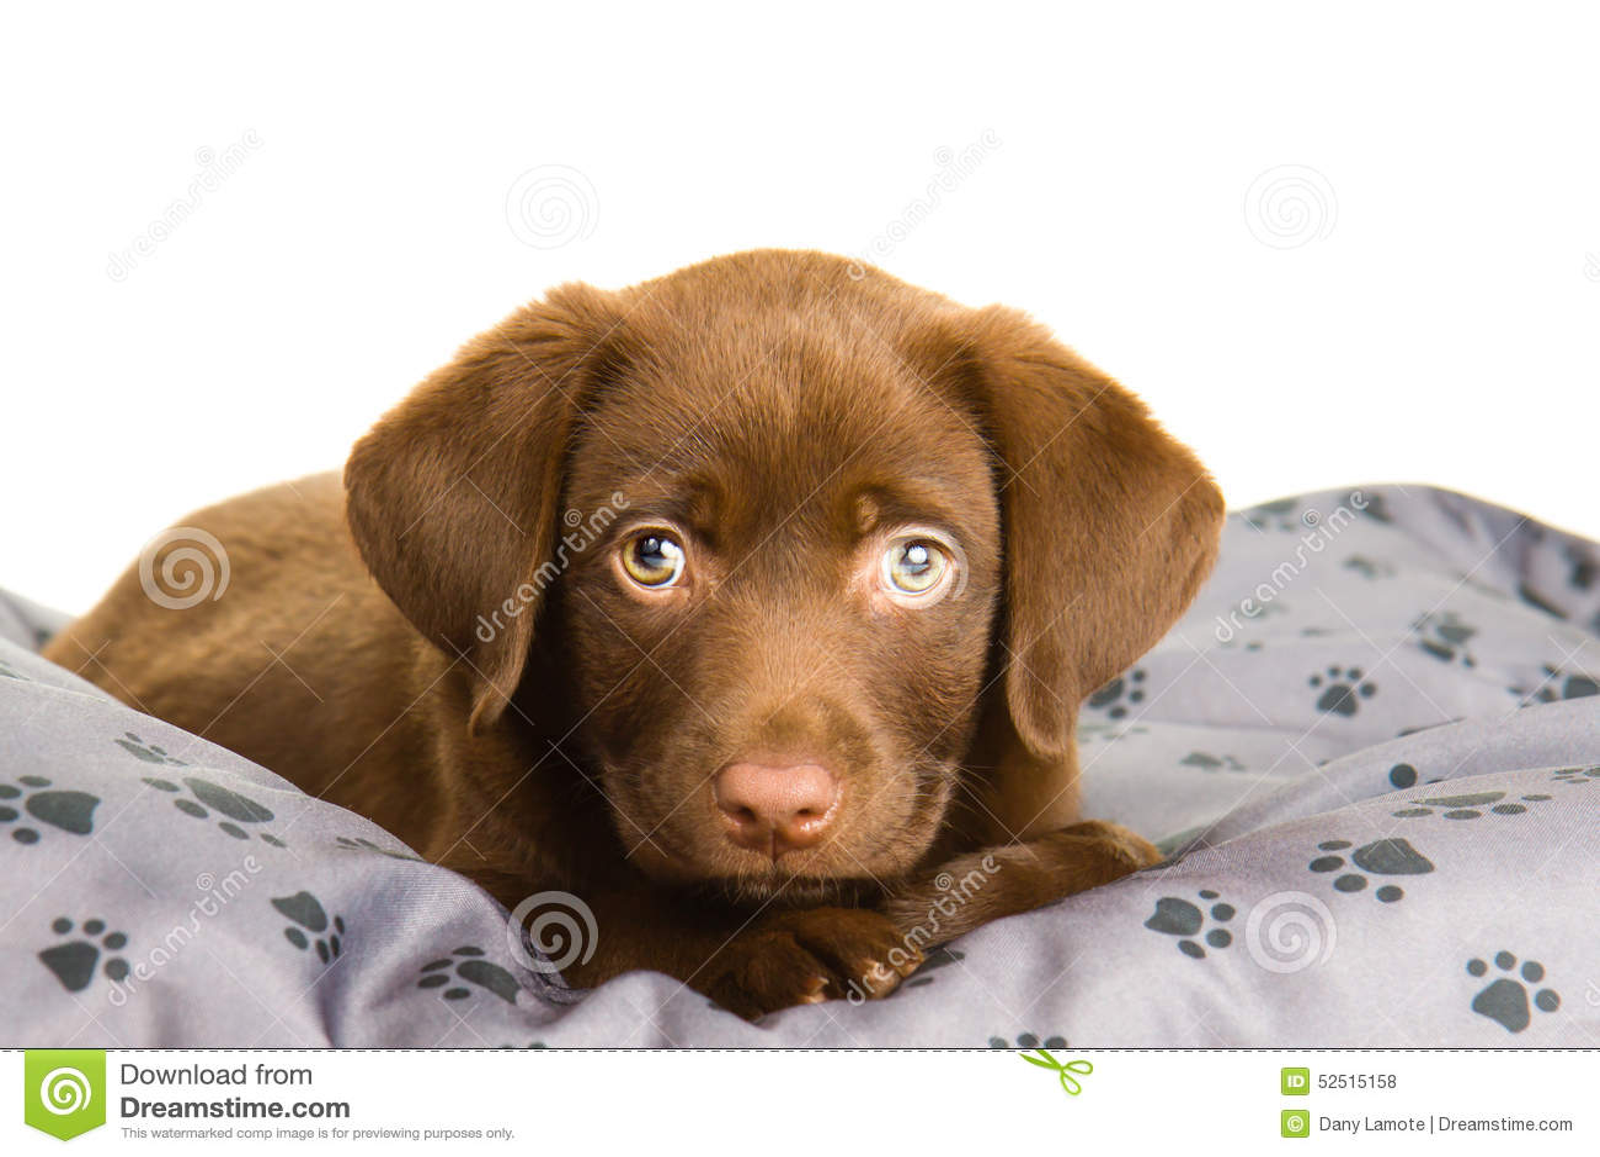 Cute Paw Print Wallpaper Chiot Brun Chocolat Mignon De Labrador Sur Un Oreiller